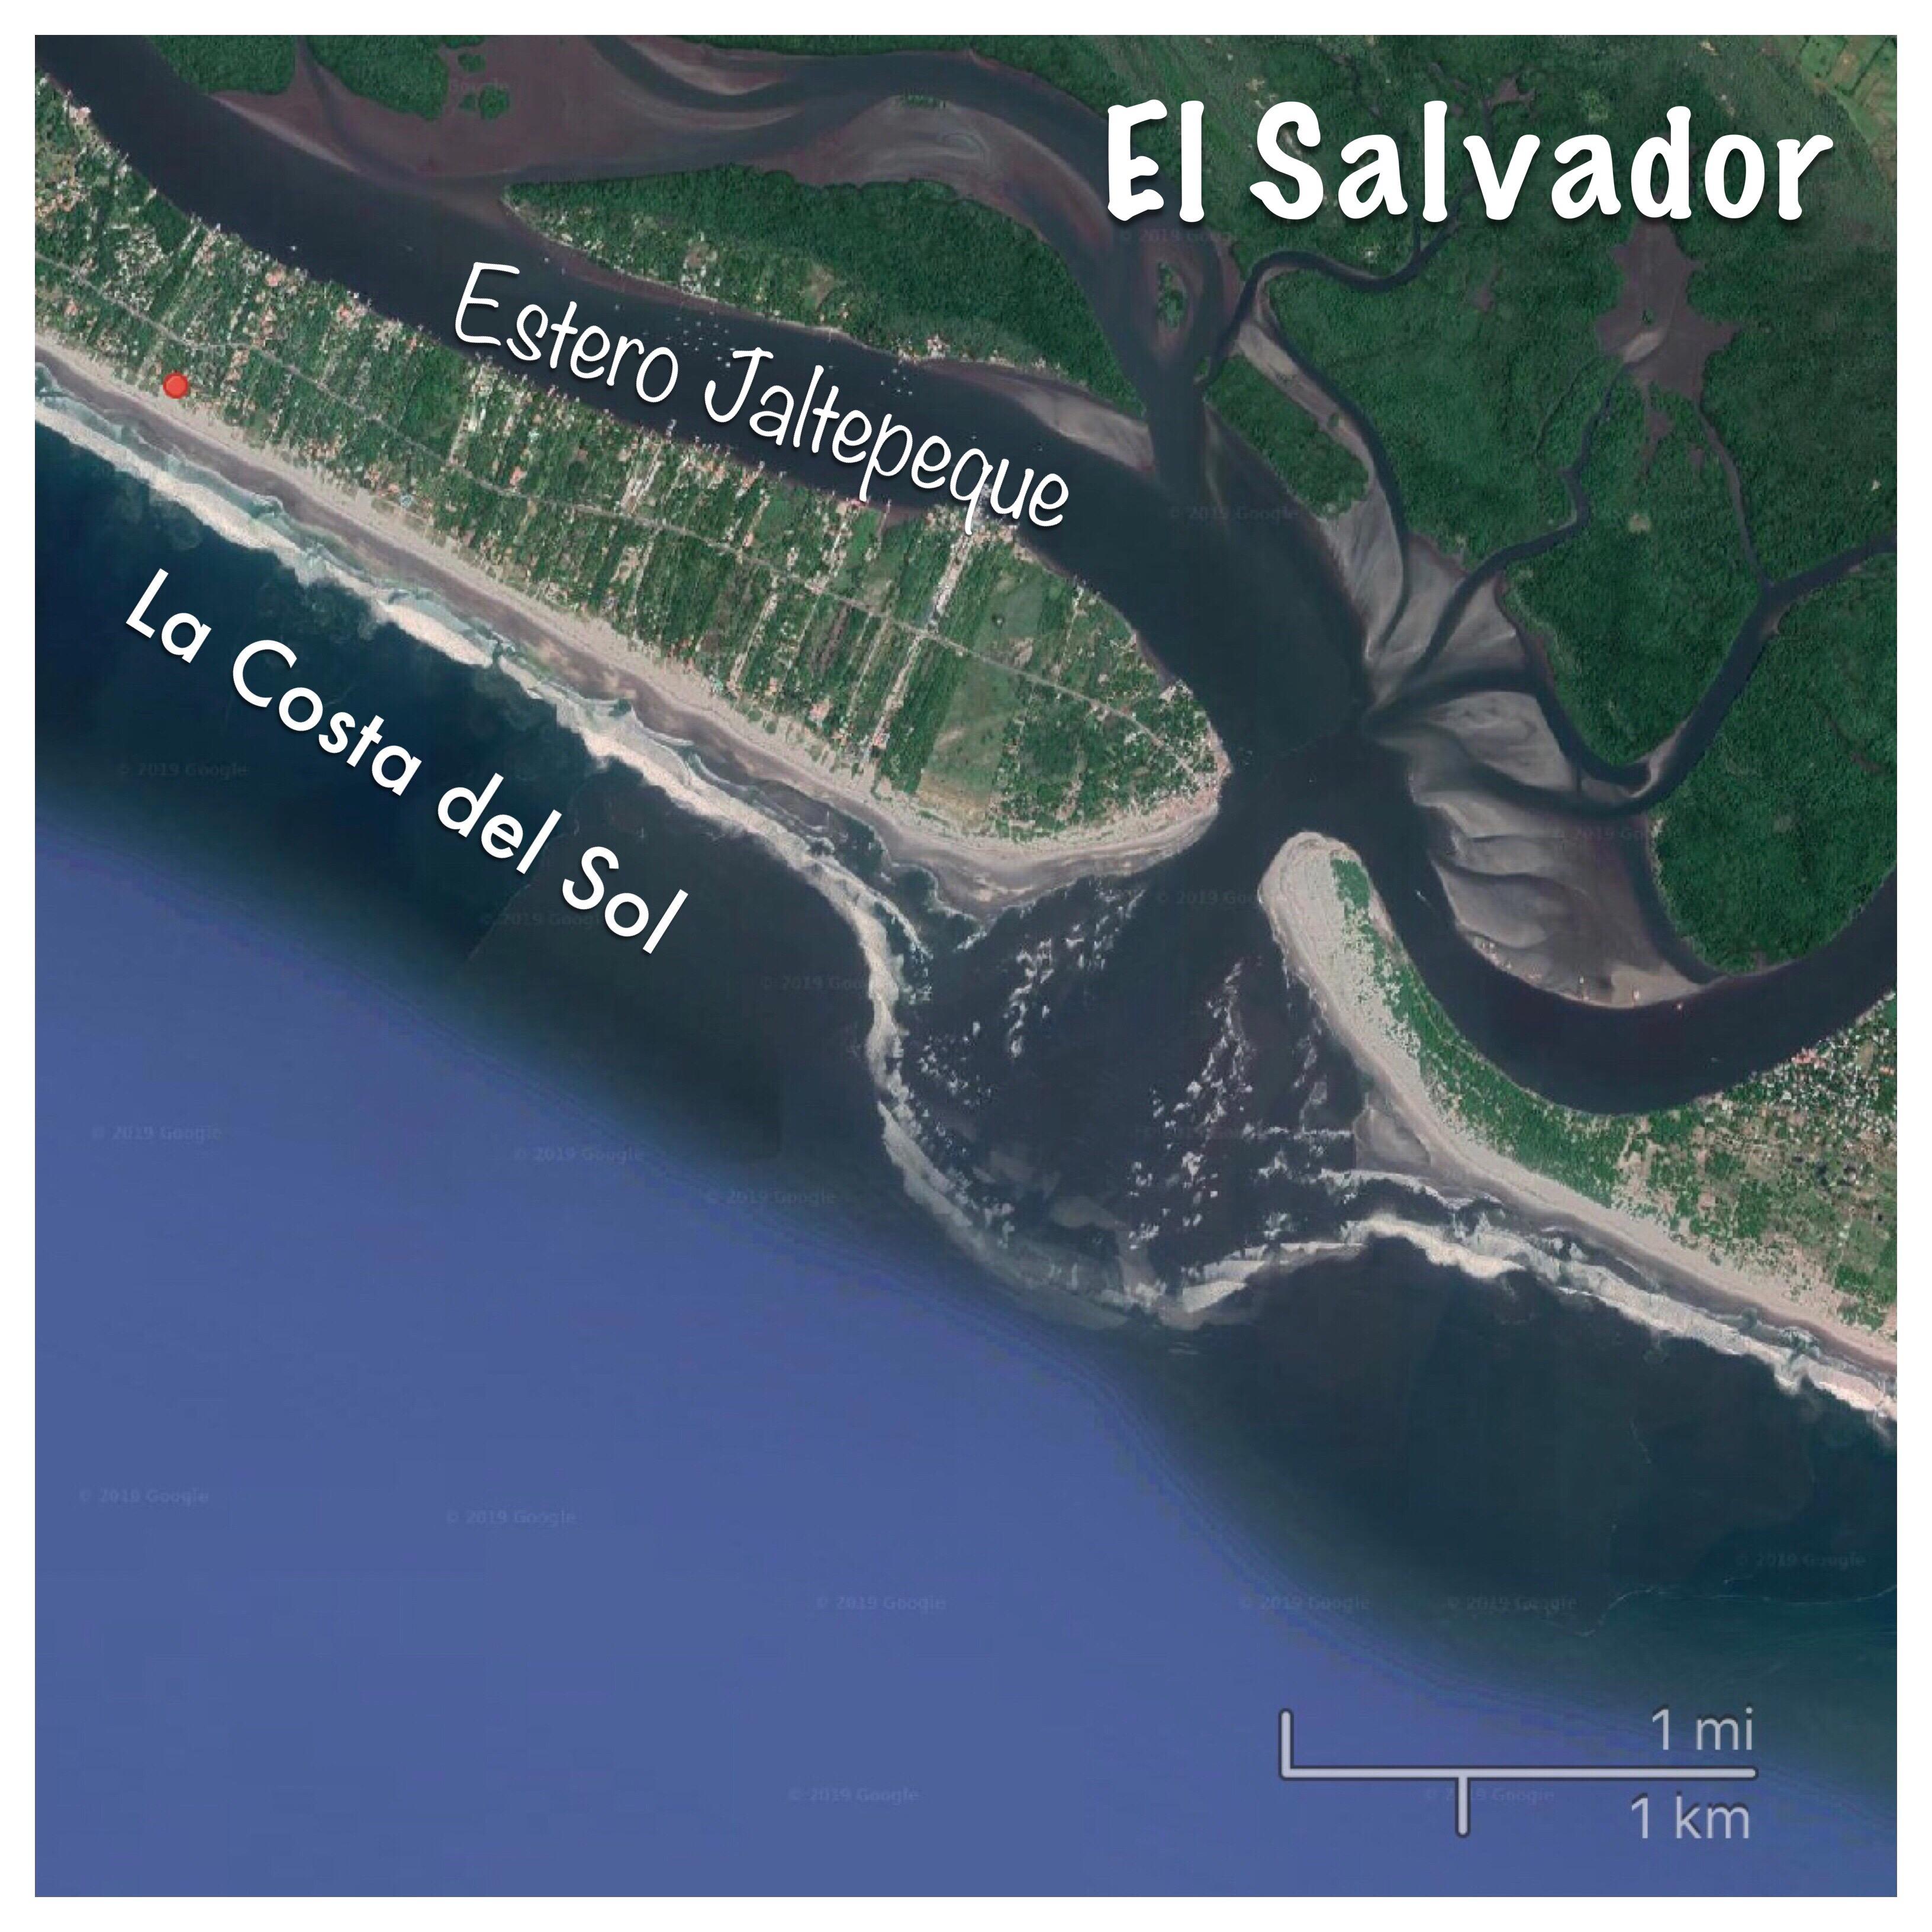 map of El Salvador's La Costa del Sol and Estero Jaltepeque